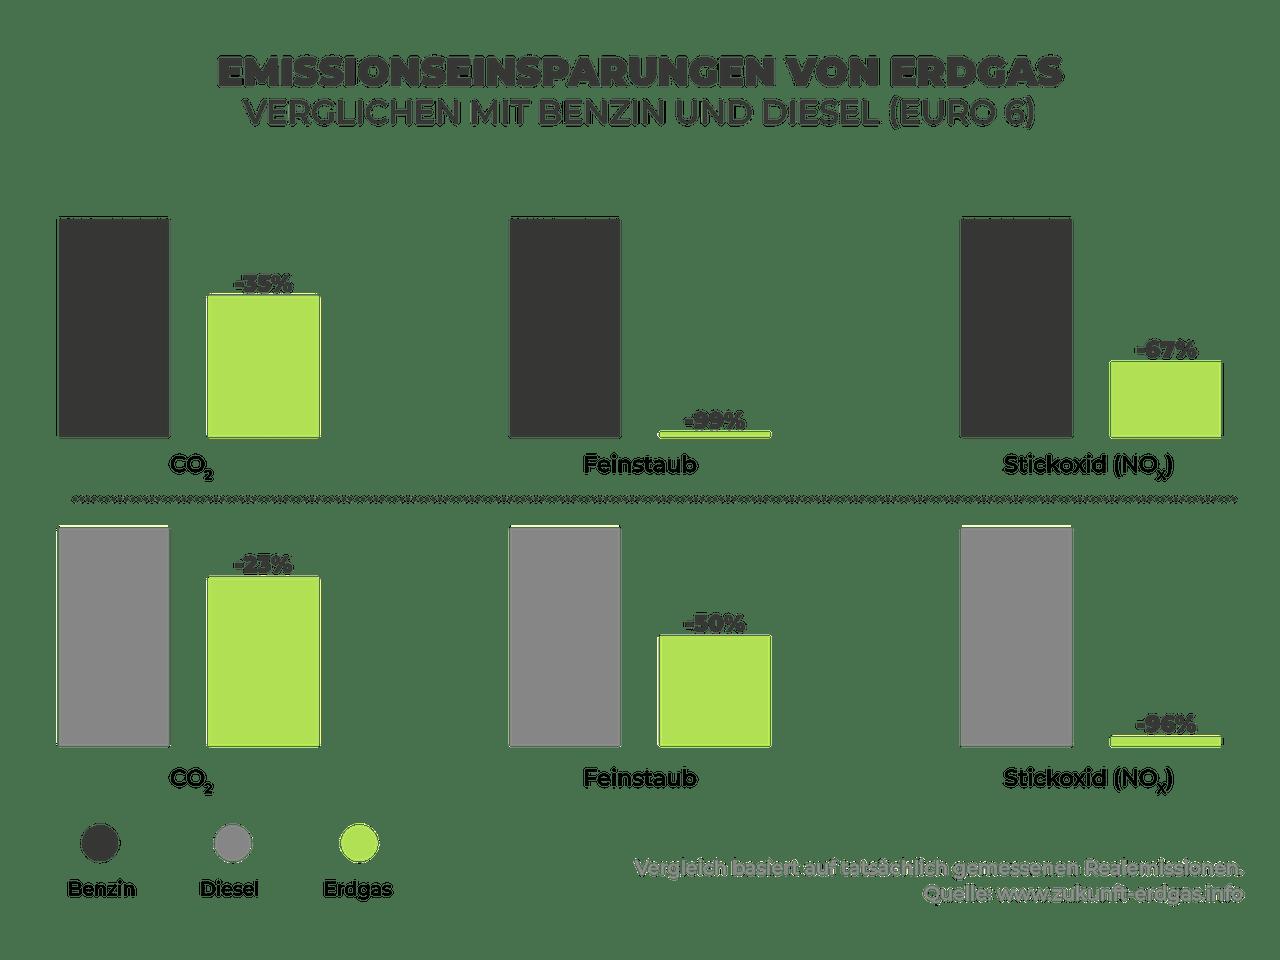 Grafische Darstellung und Vergleich von Emissionseinsparungen mit Erdgas im Gegensatz zu Benzin und Dieselfahrzeugen